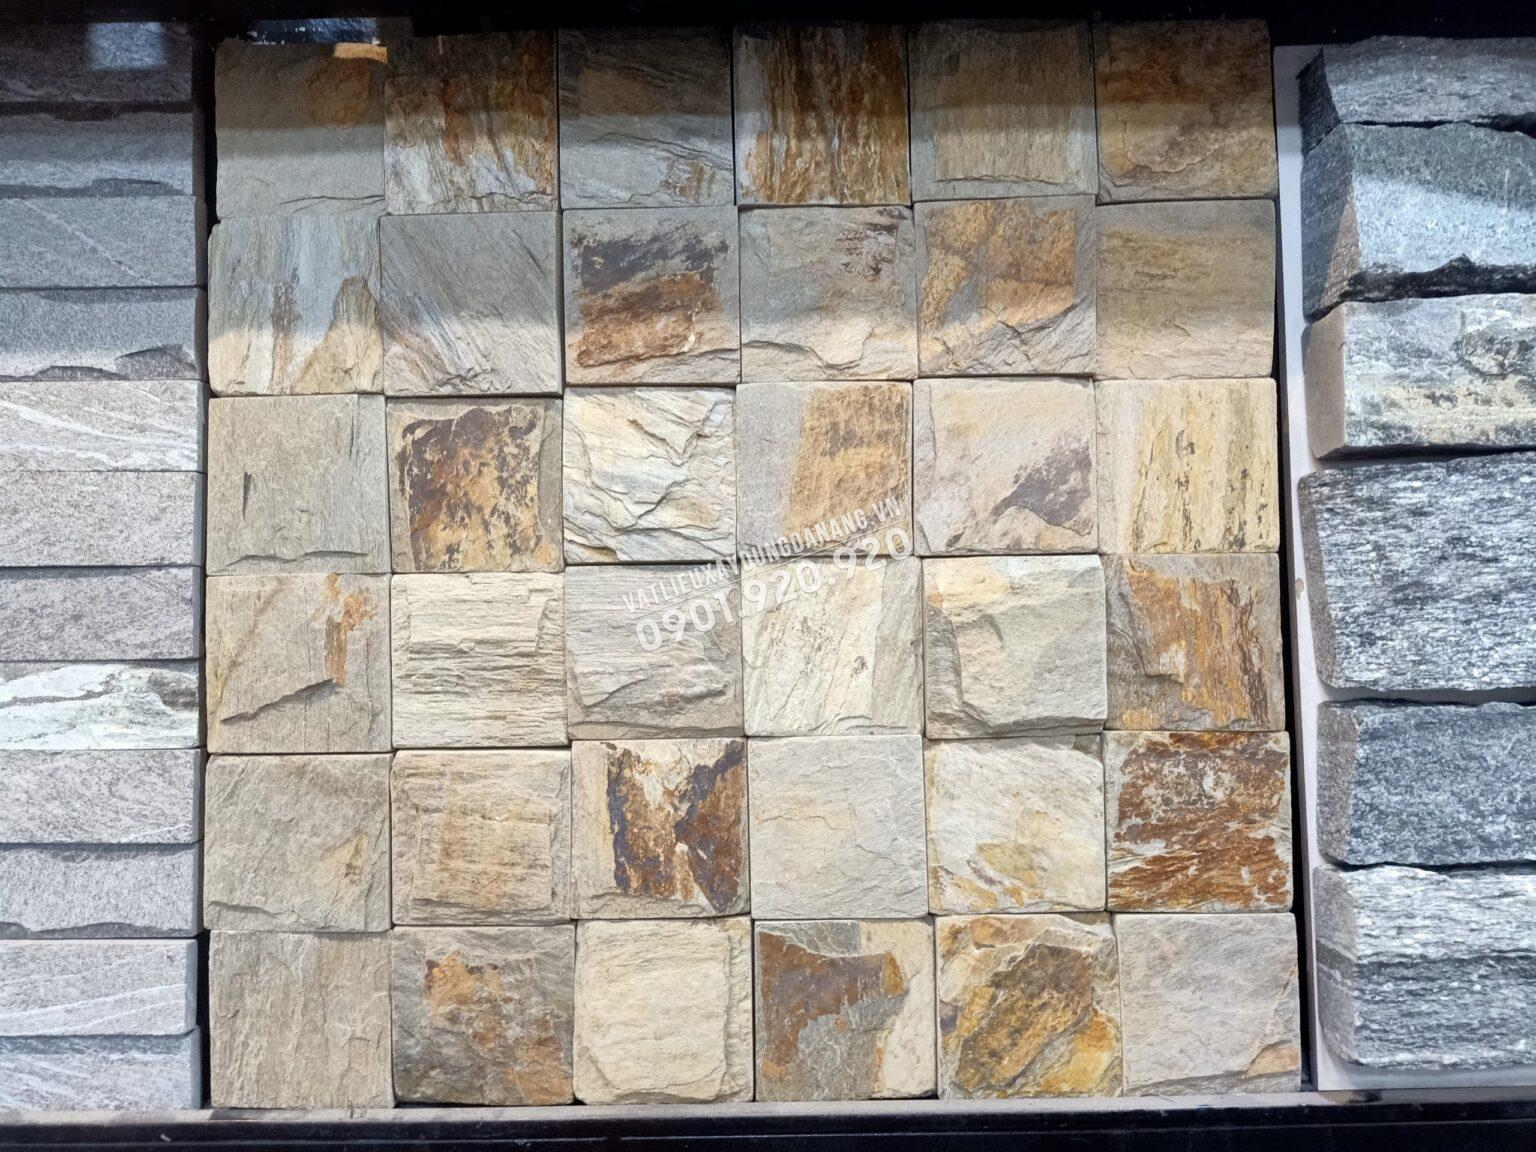 Báo giá đá chẻ tự nhiên